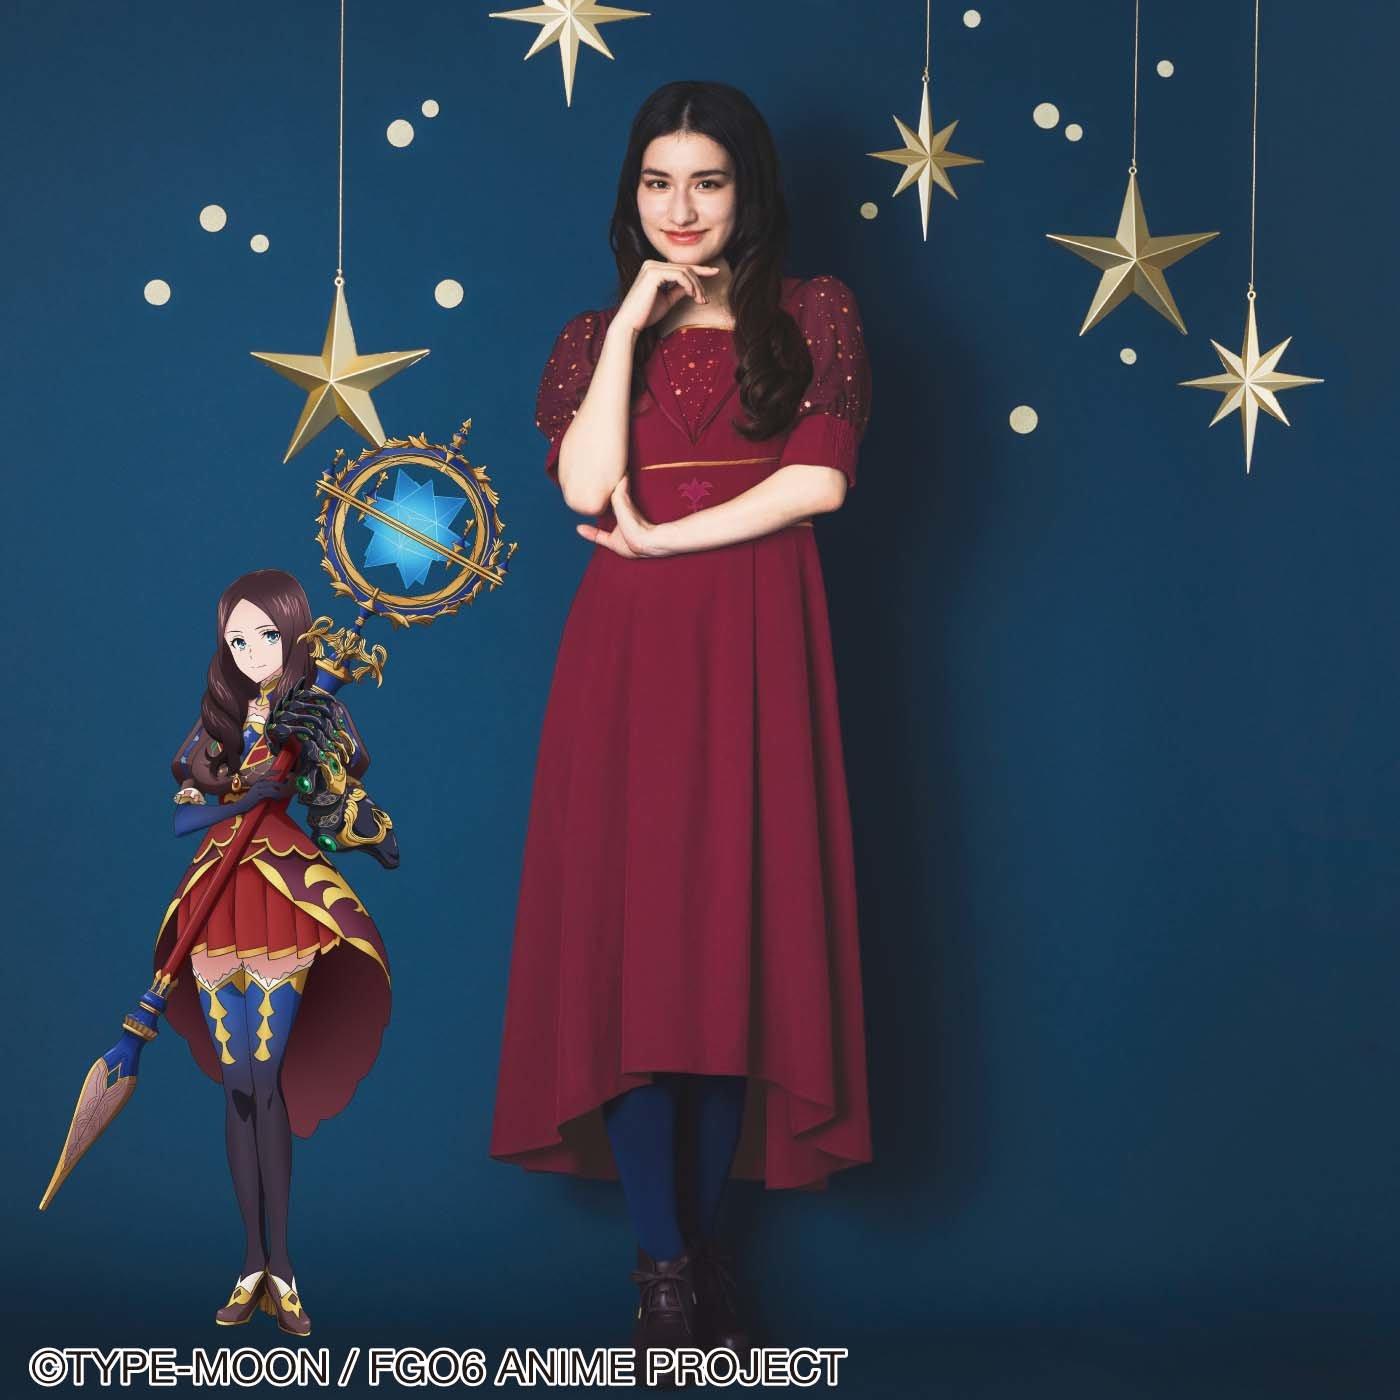 劇場版Fate/Grand Order-神聖円卓領域キャメロット- レオナルド・ダ・ヴィンチ イメージワンピース